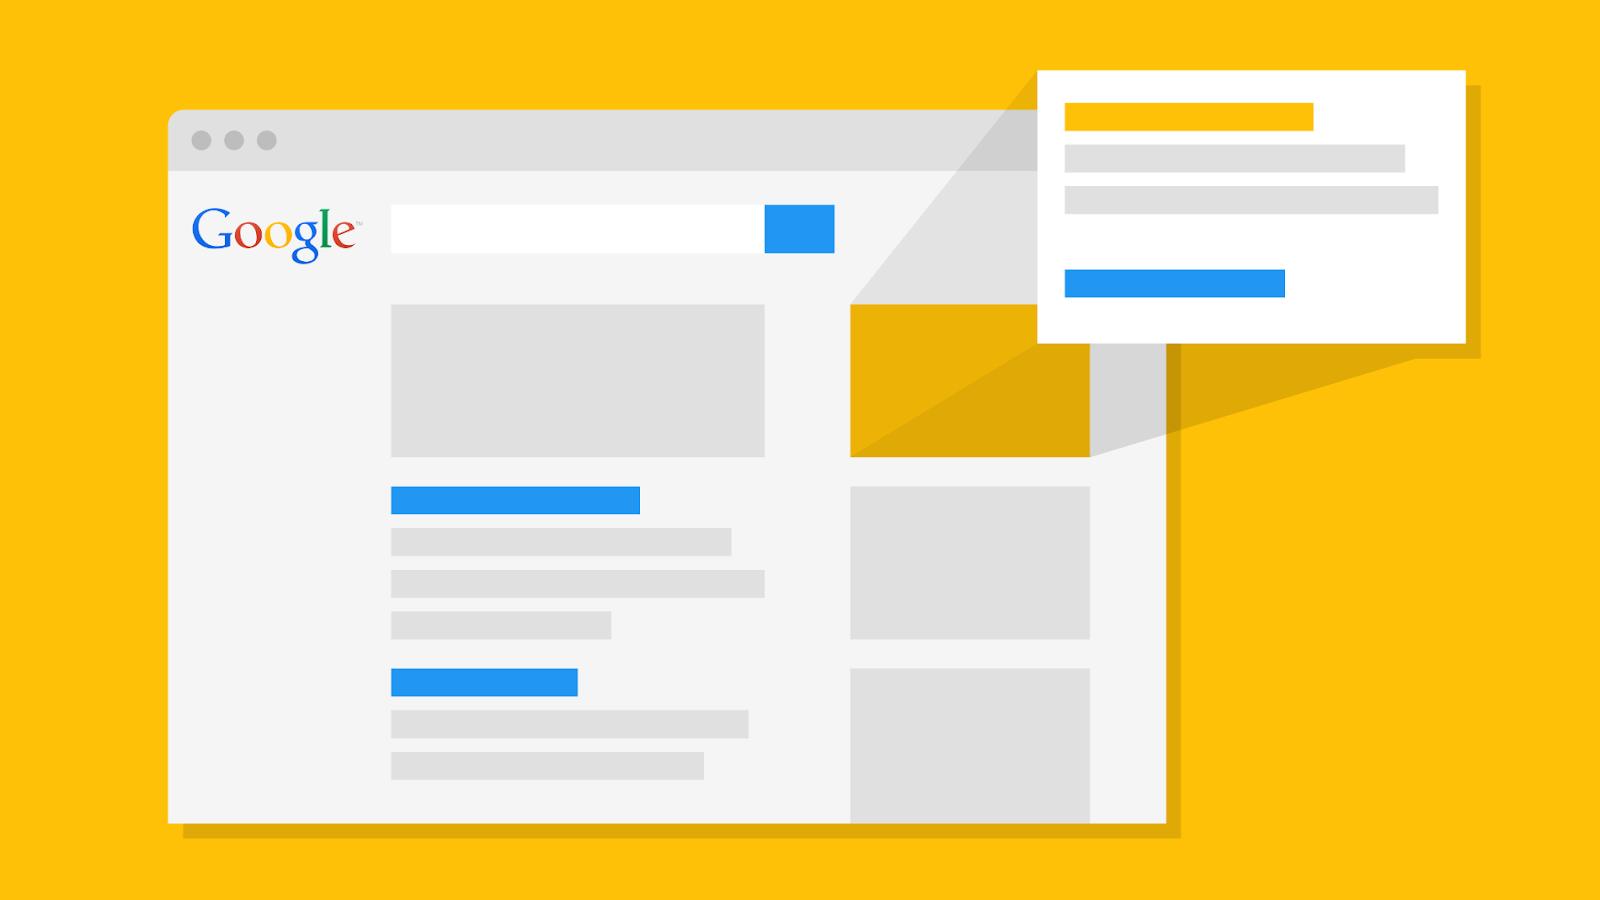 Como fazer anúncios no Google?